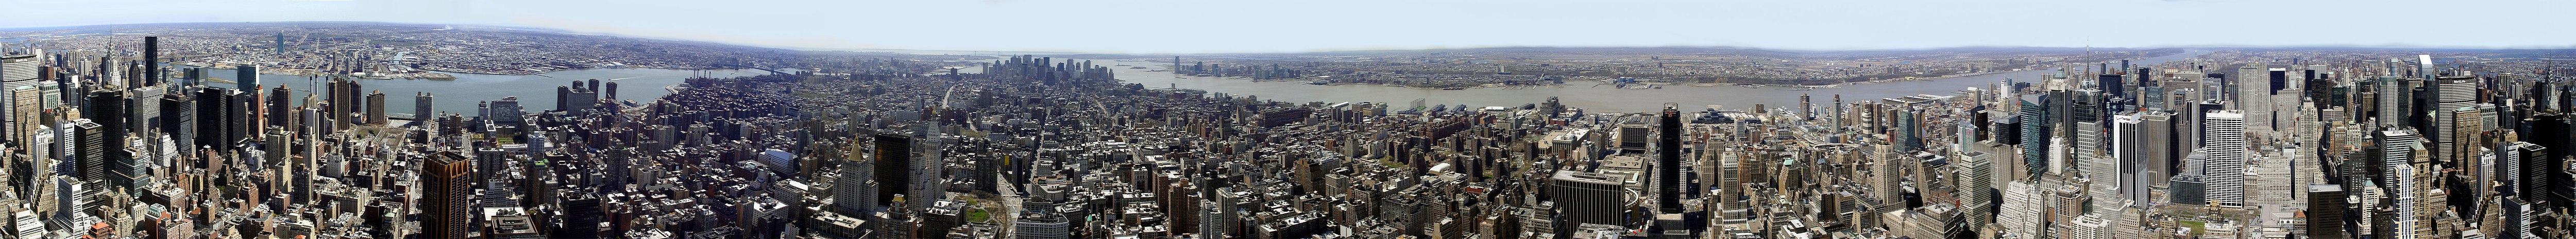 Manhattan desupre de Empire State Building